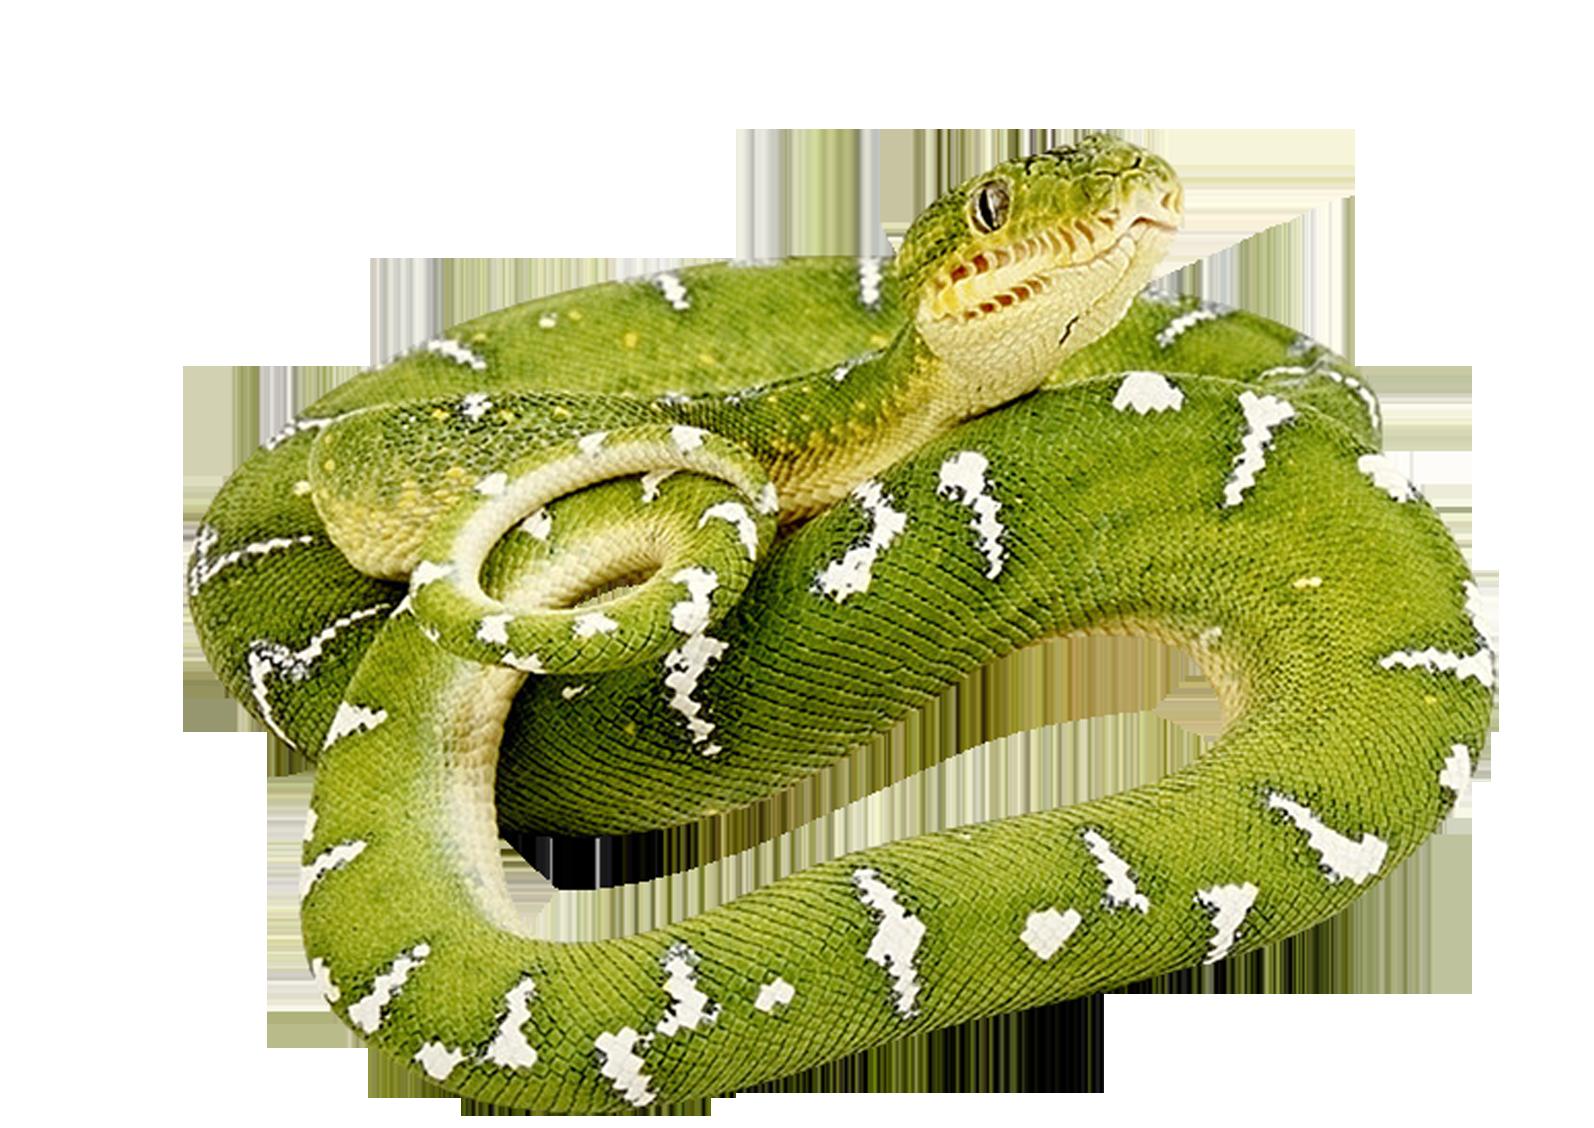 Clipart snake green snake. Png animal pinterest